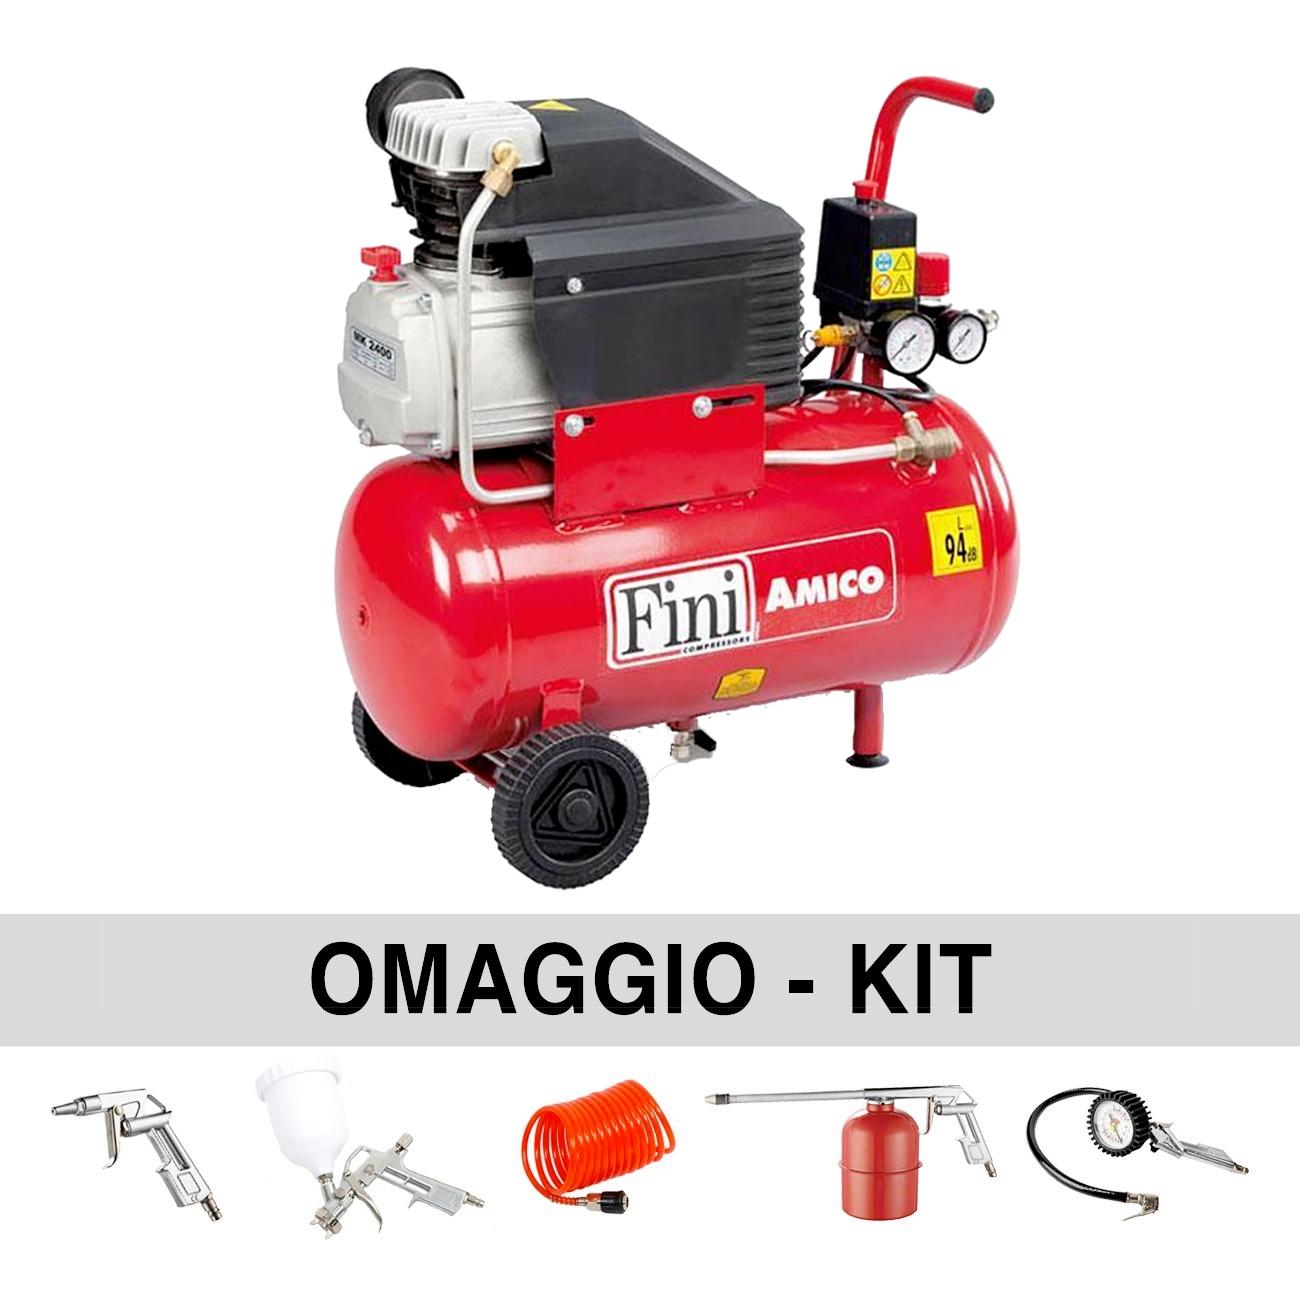 FINI AMICO 25/2400 24L Air Compressor 240V